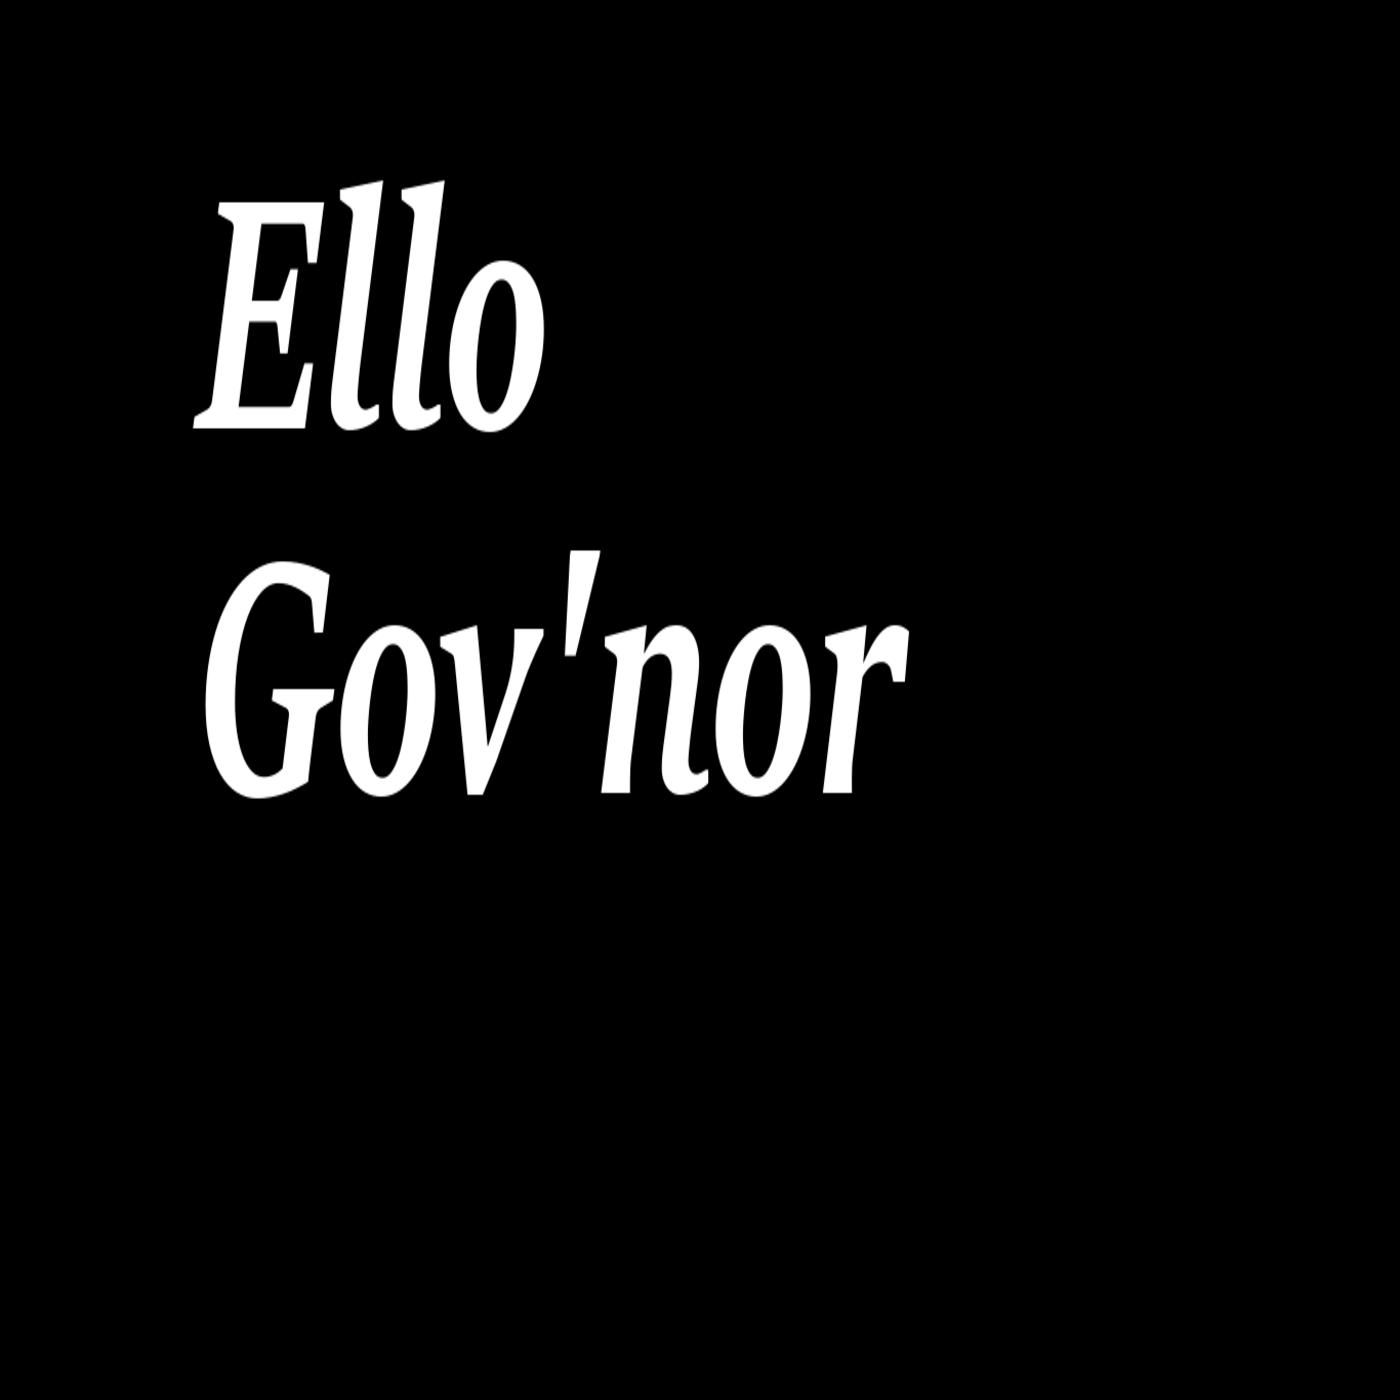 Ello Gov'nor The Podcast show art